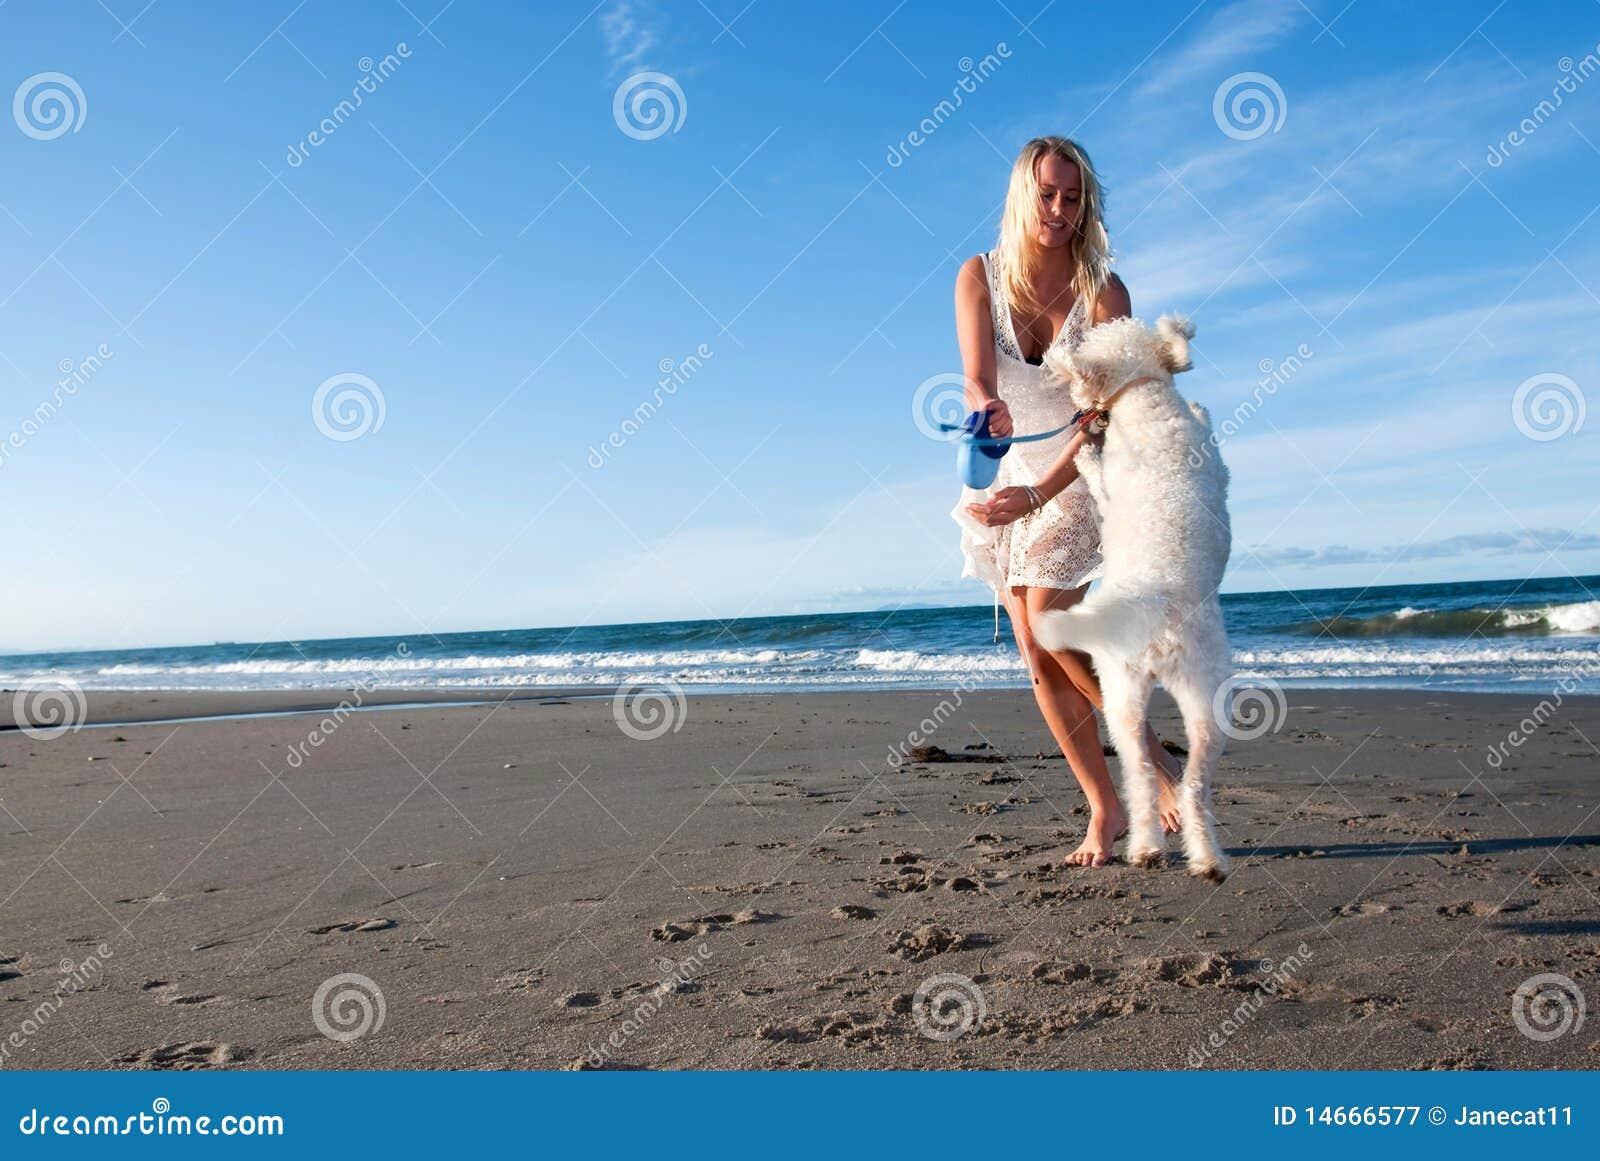 海滩狗女孩